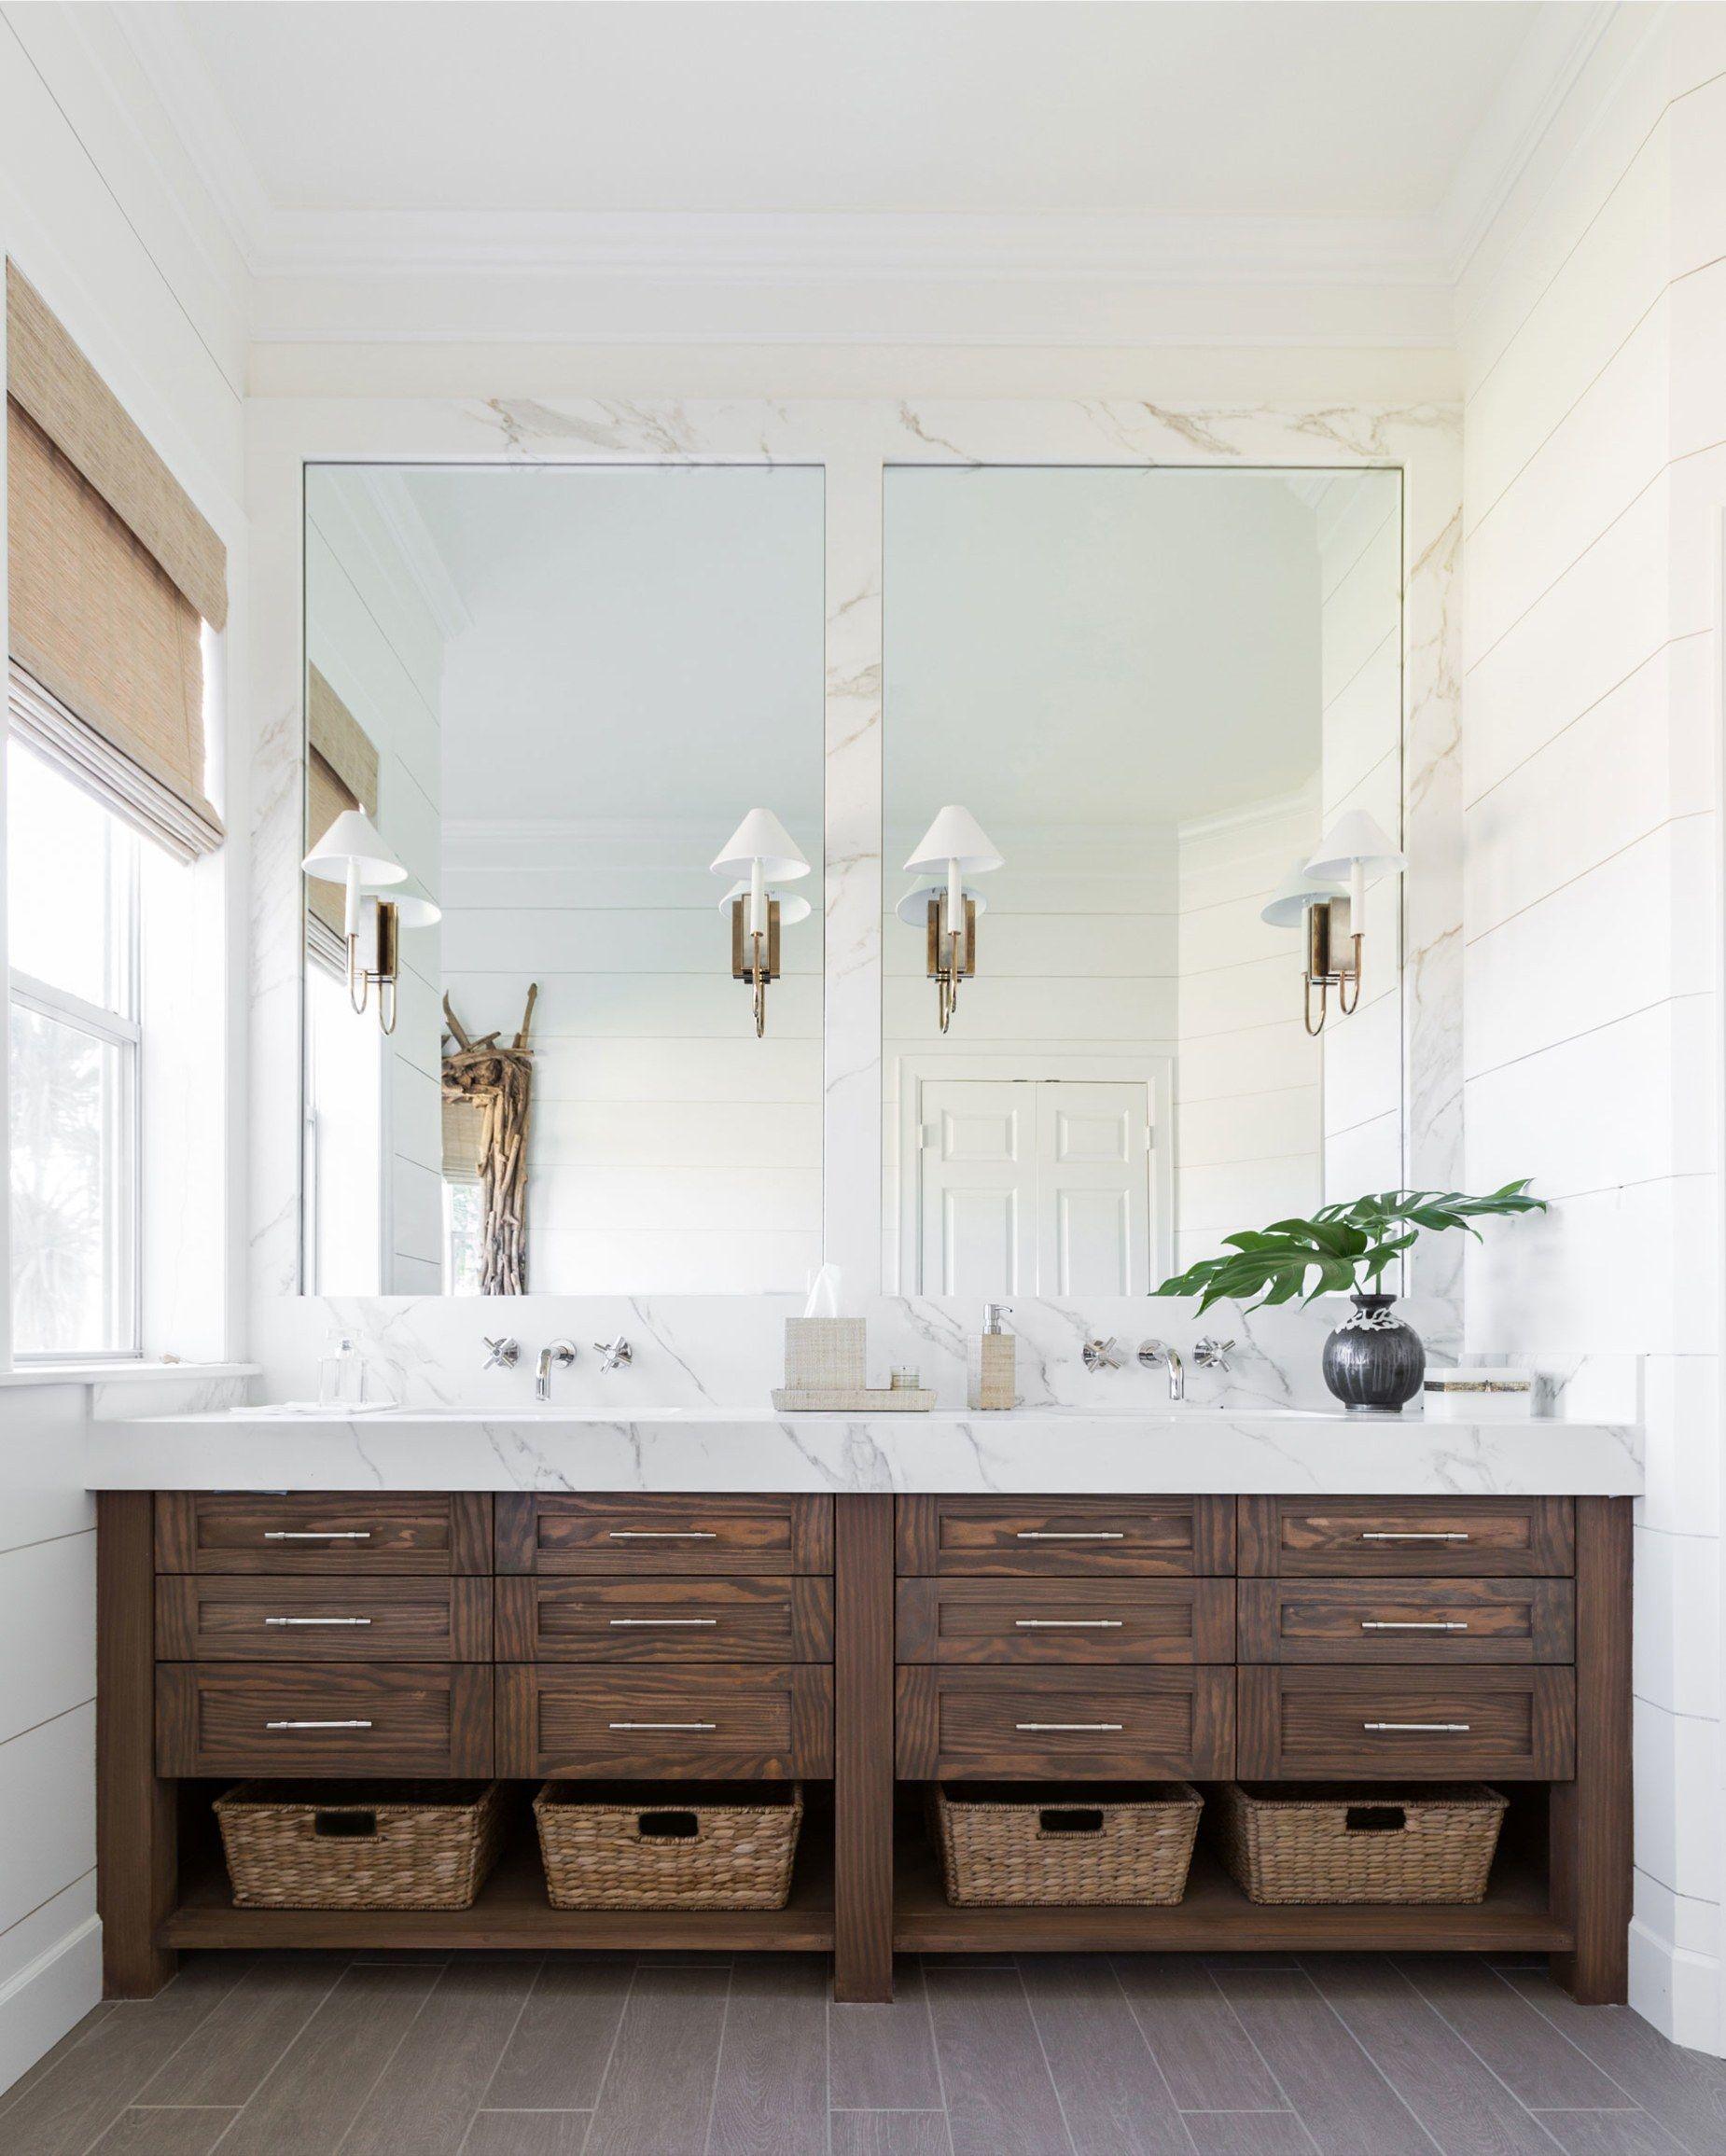 Media Architecturaldigest Com Photos 59839e0621dd7815548cbdf9 Master W 1850 Marie Flanig Bathroom Remodel Designs Rustic Master Bathroom Bathroom Mirror Design